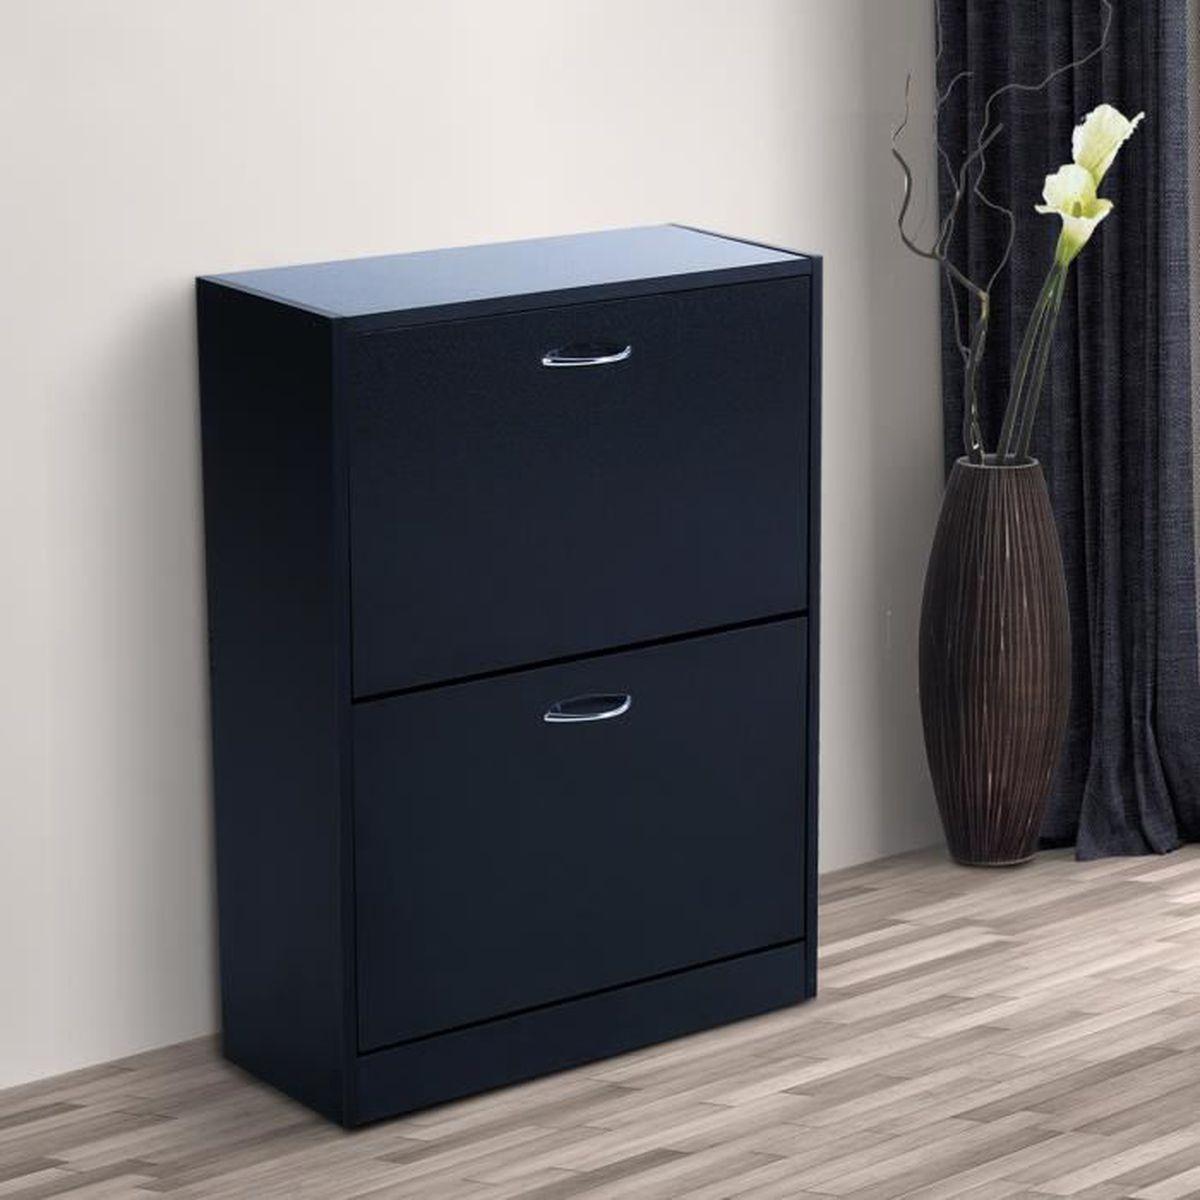 Meuble a chaussure noir 15 homcom meuble armoire for Meuble armoire